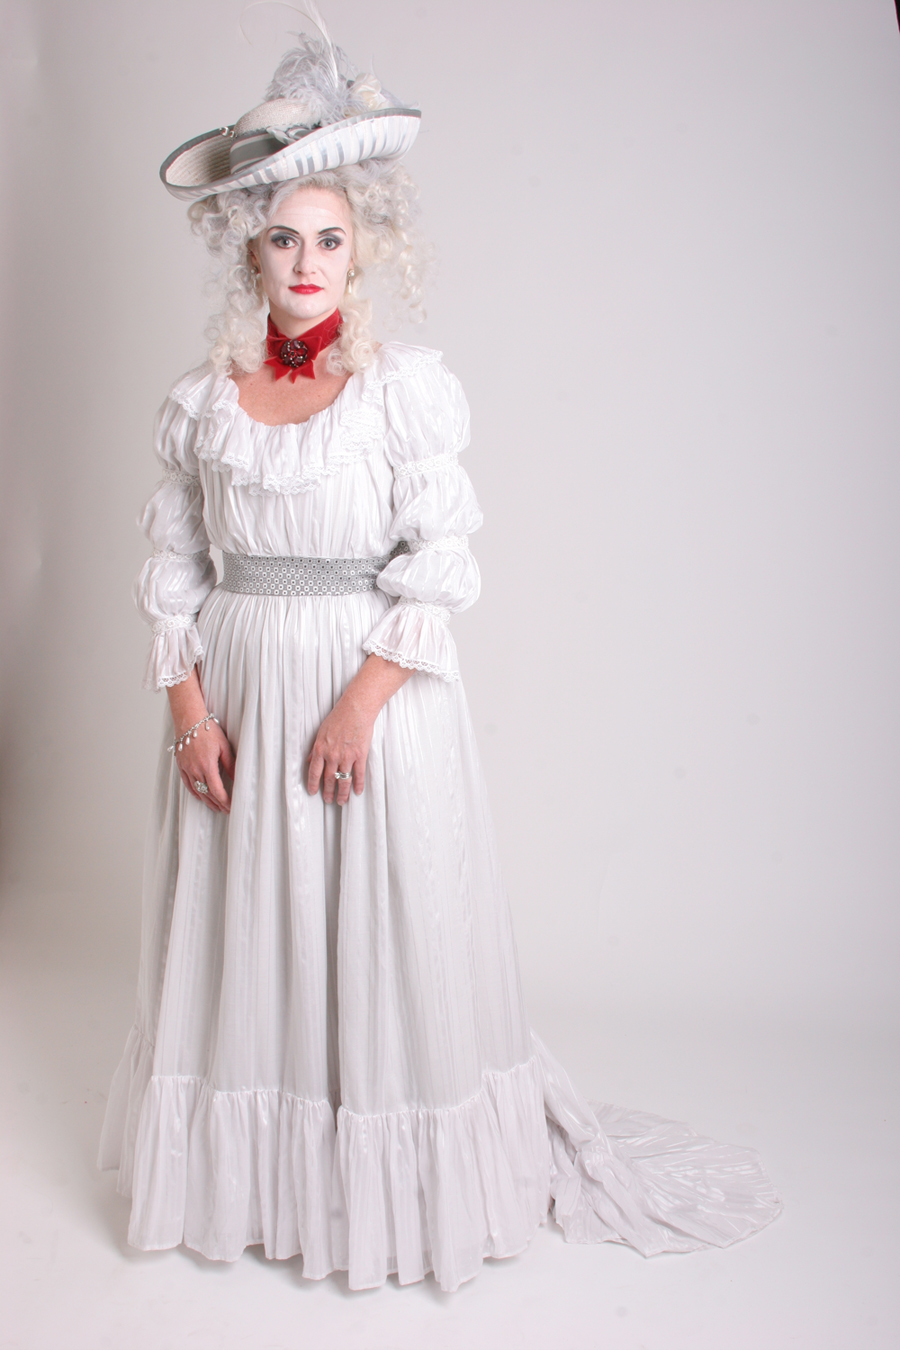 Chemise Dress by Verdaera